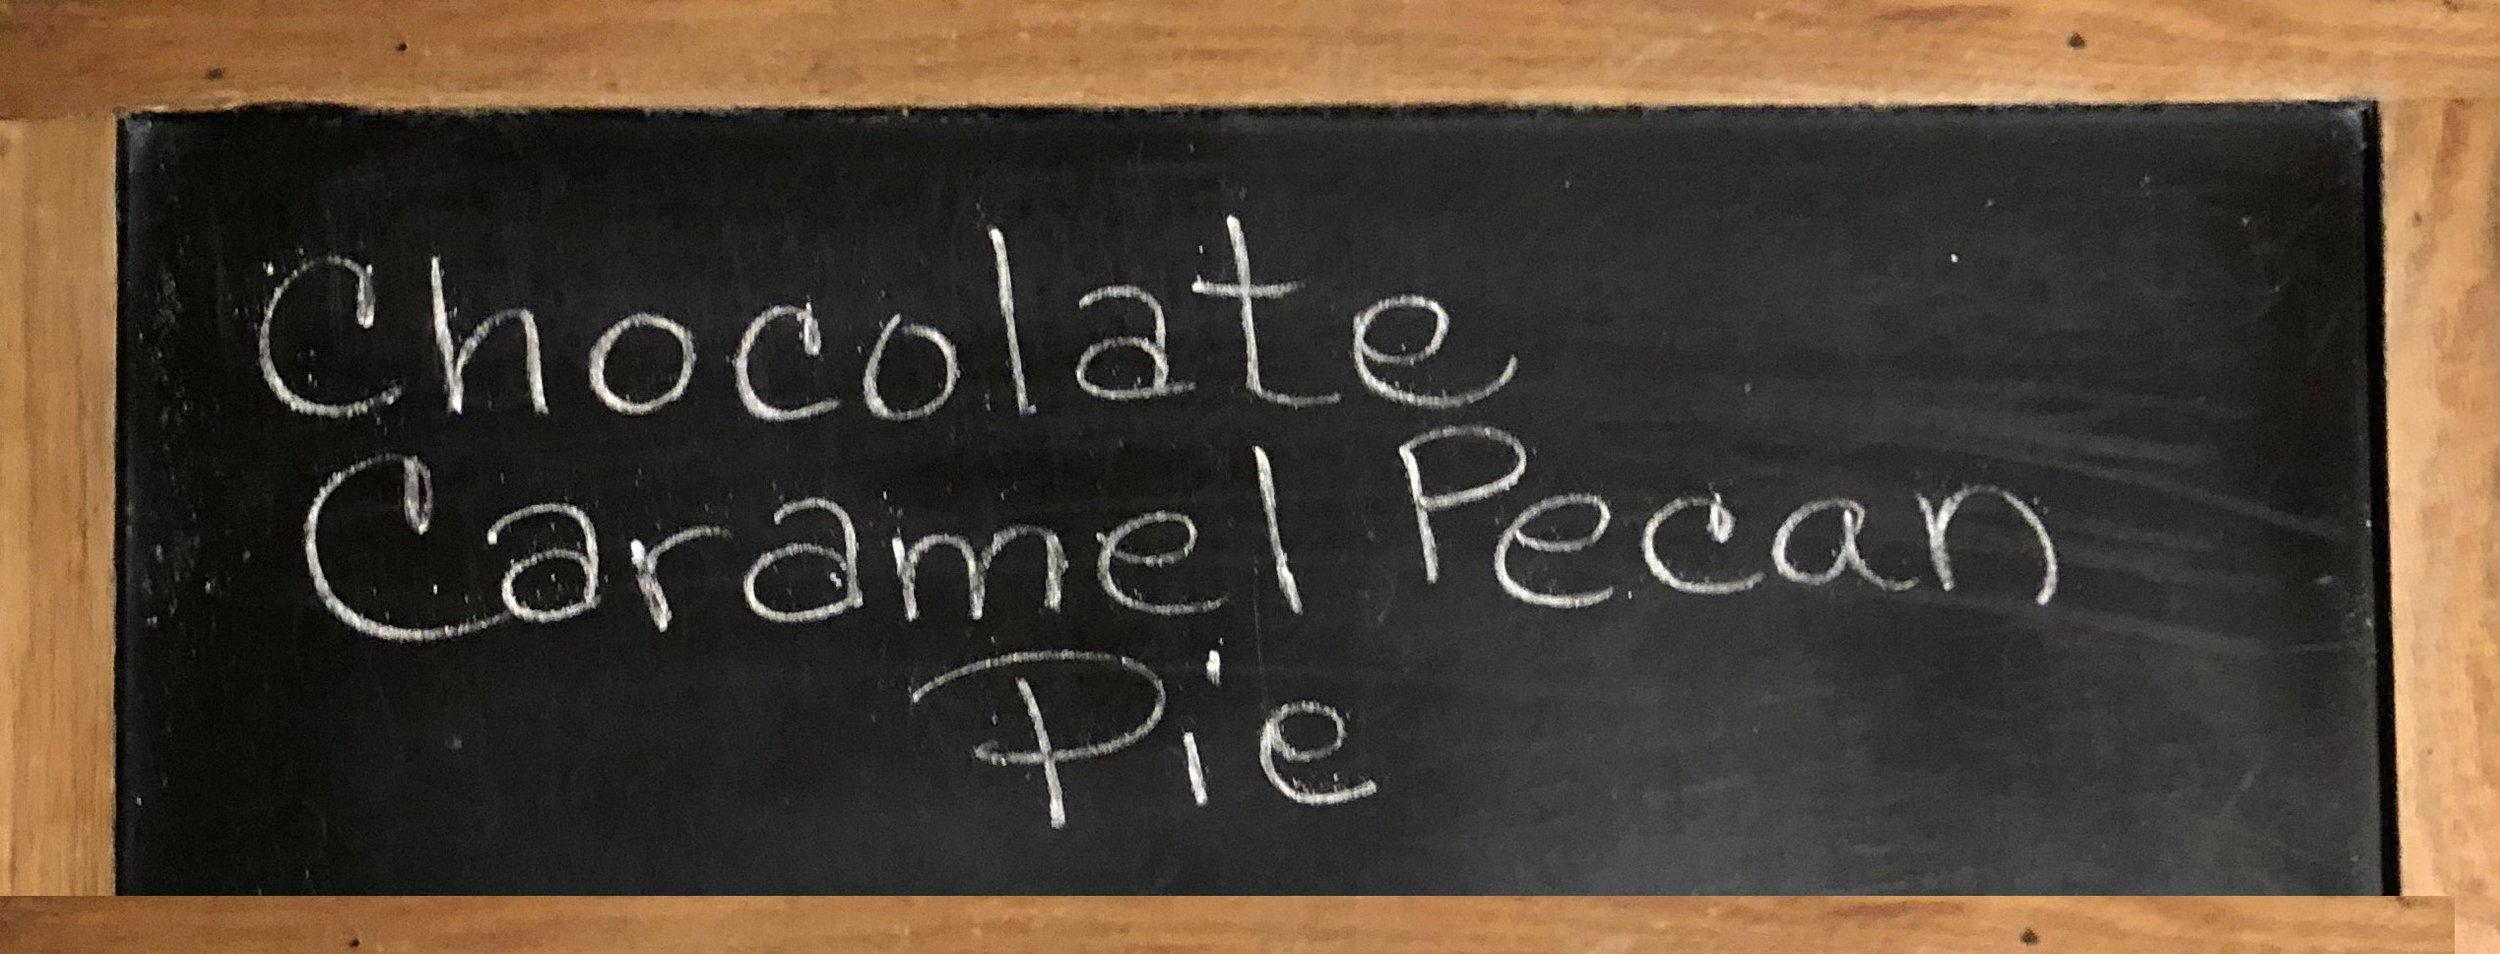 pecan pie header.jpg